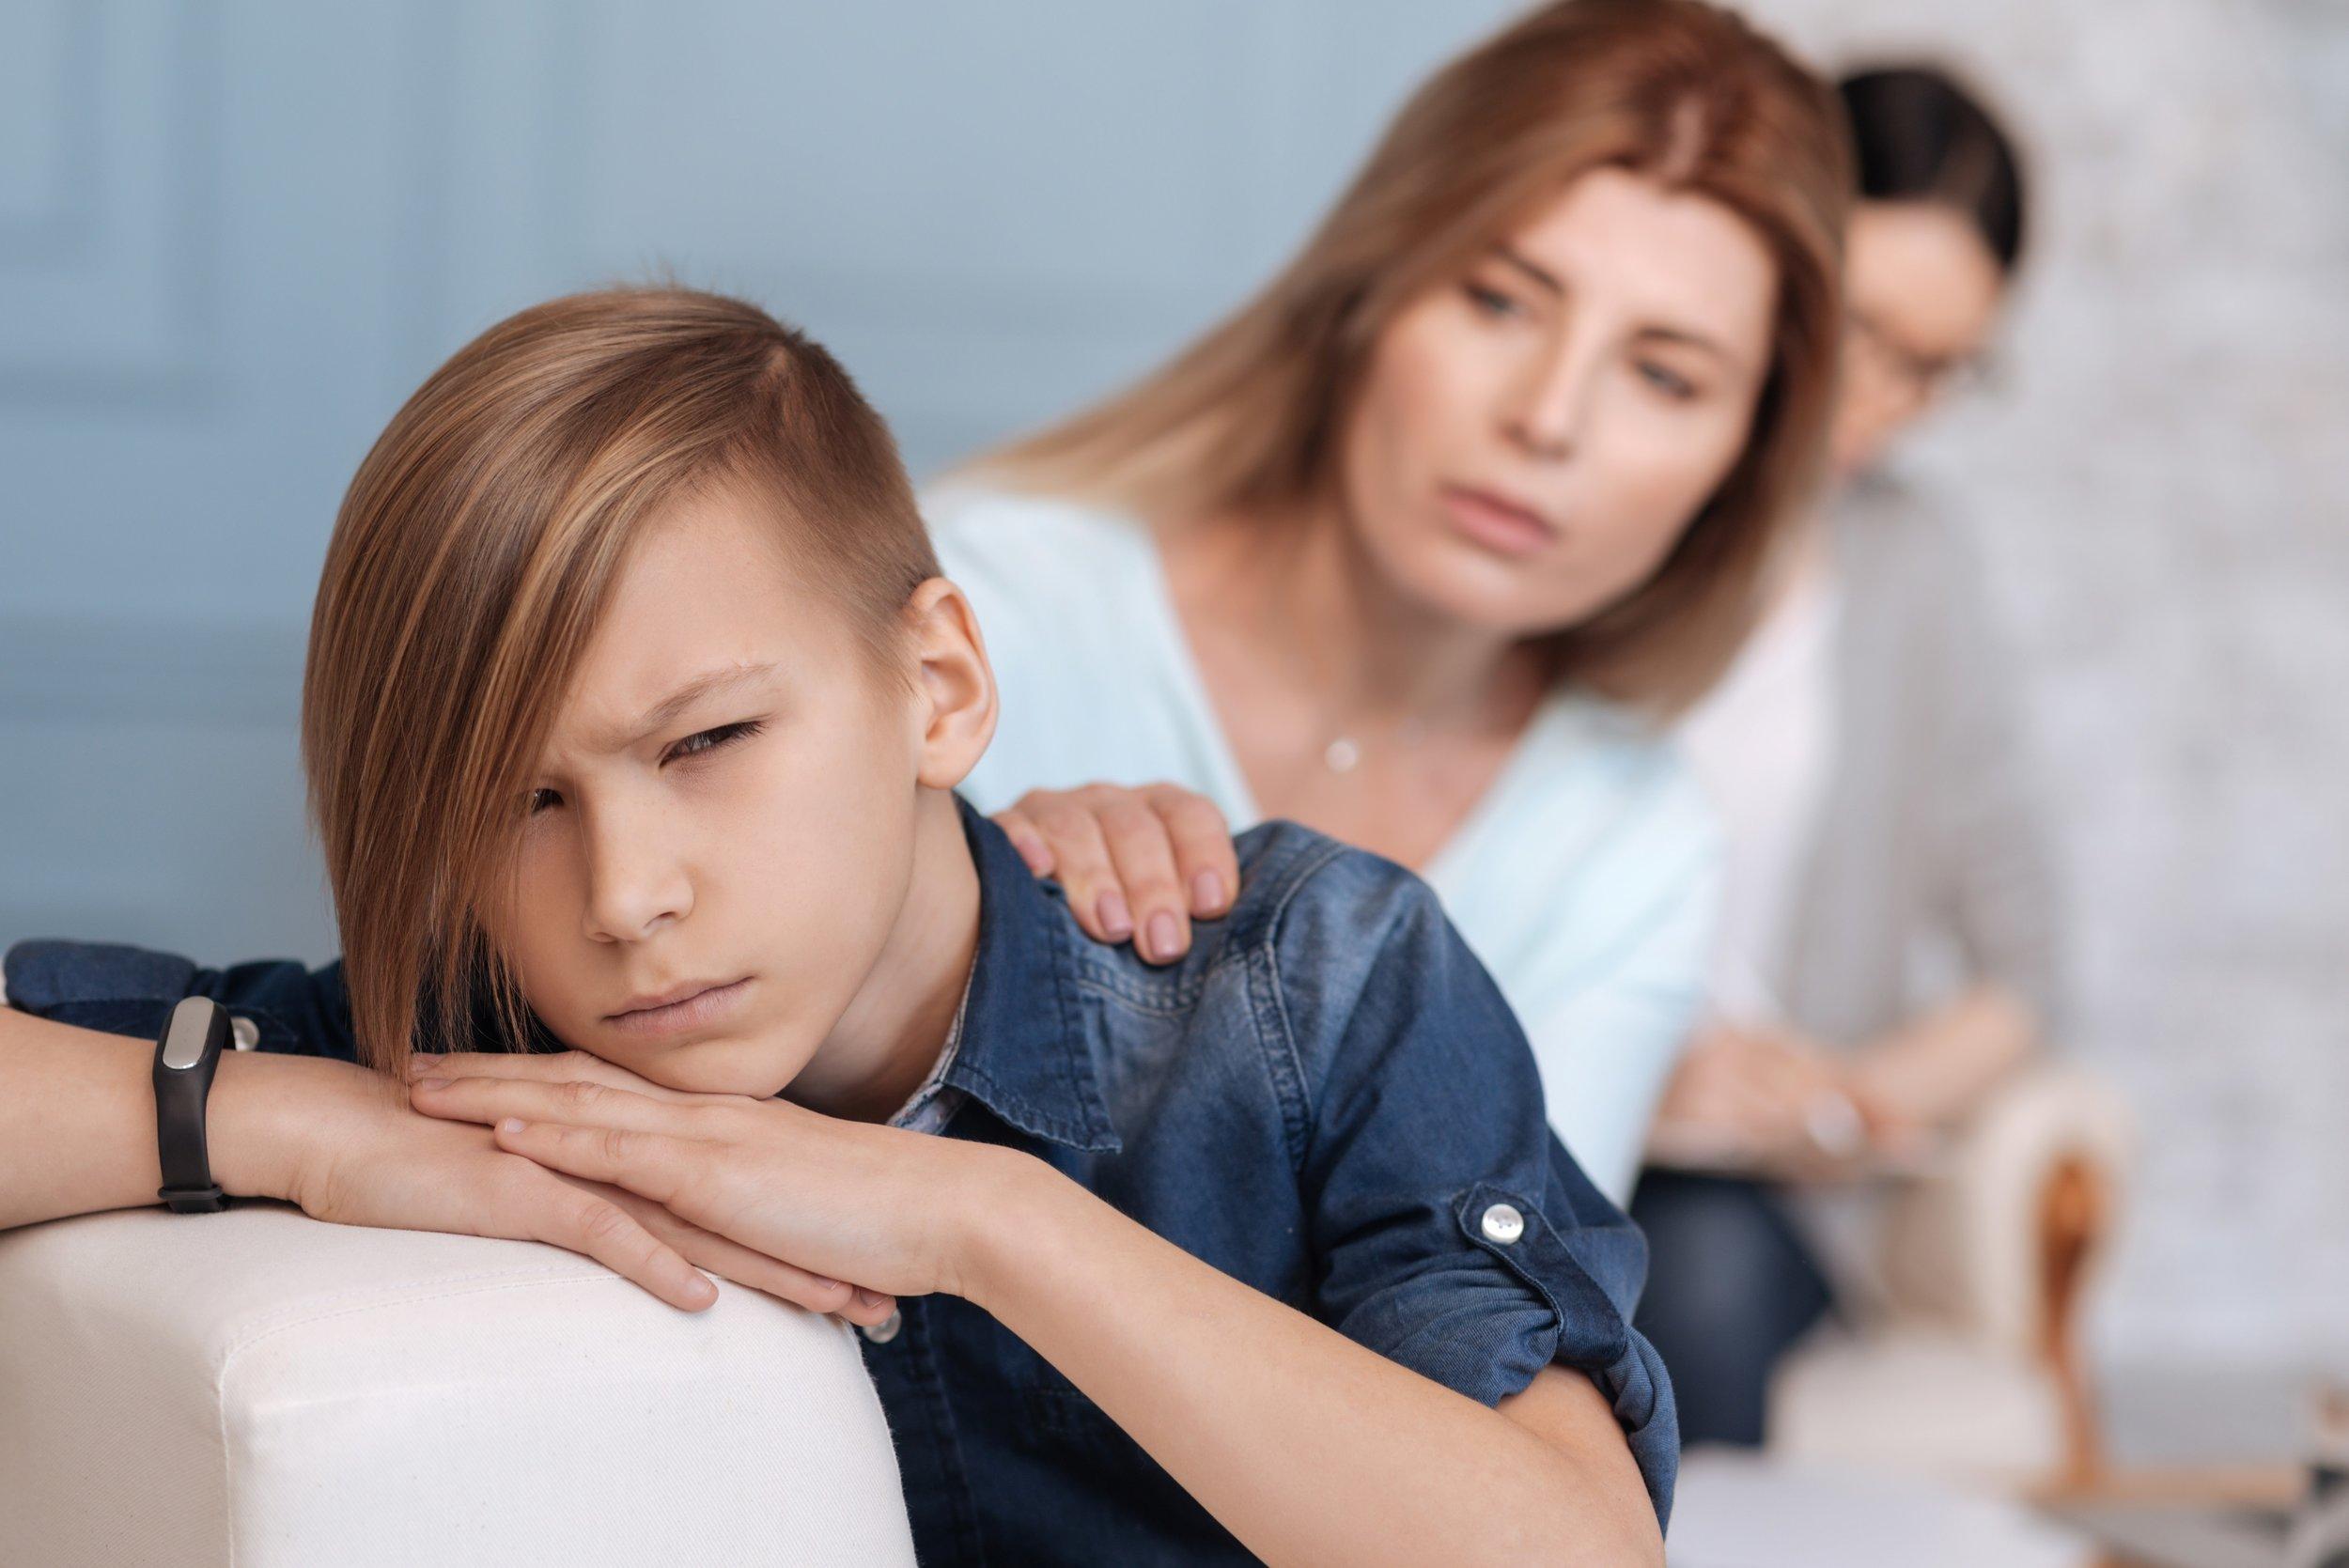 Mother puts hand on shoulder of depressed teenager.